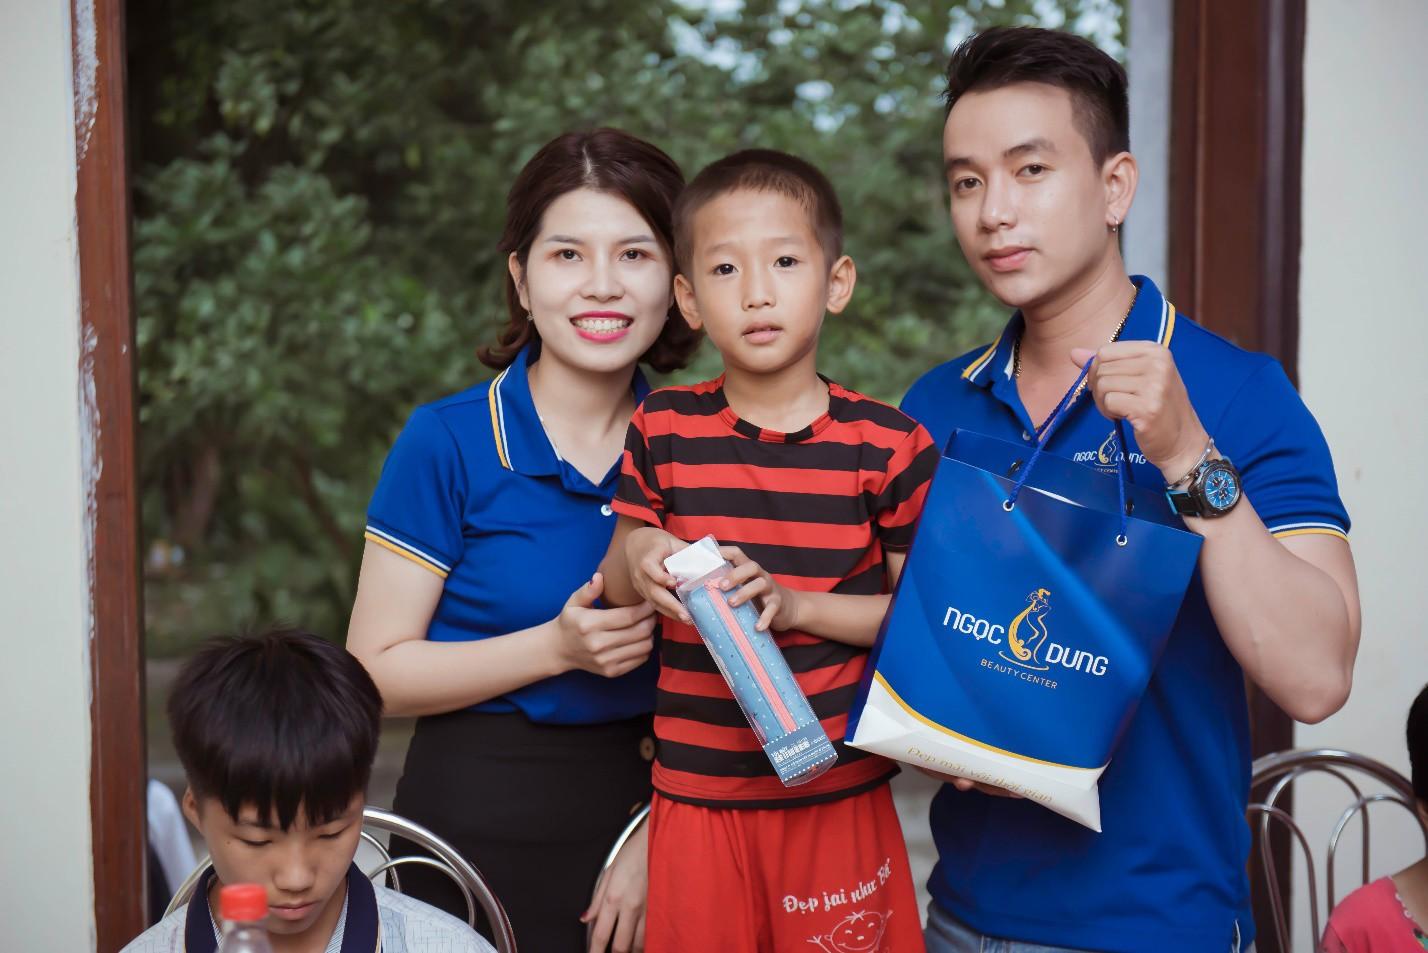 Chuyện về chuyến hành trình tại khu trại trẻ mồ côi, khi ước mơ đơn giản là tập vở trắng - Ảnh 4.